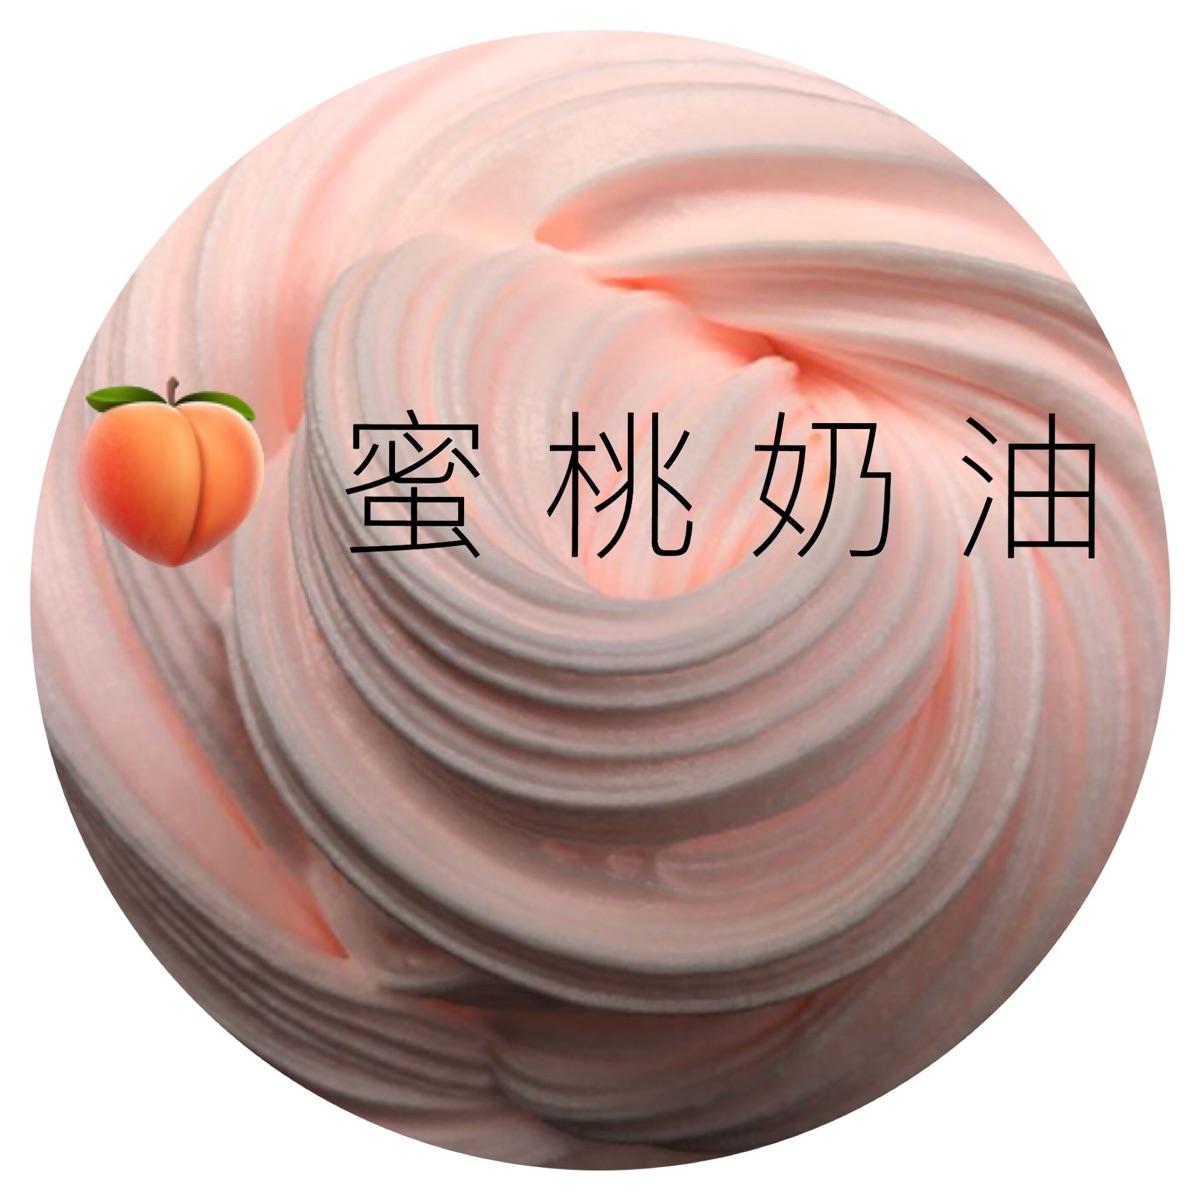 蜜桃粉奶油slime冰山泥发泄网红(非品牌)